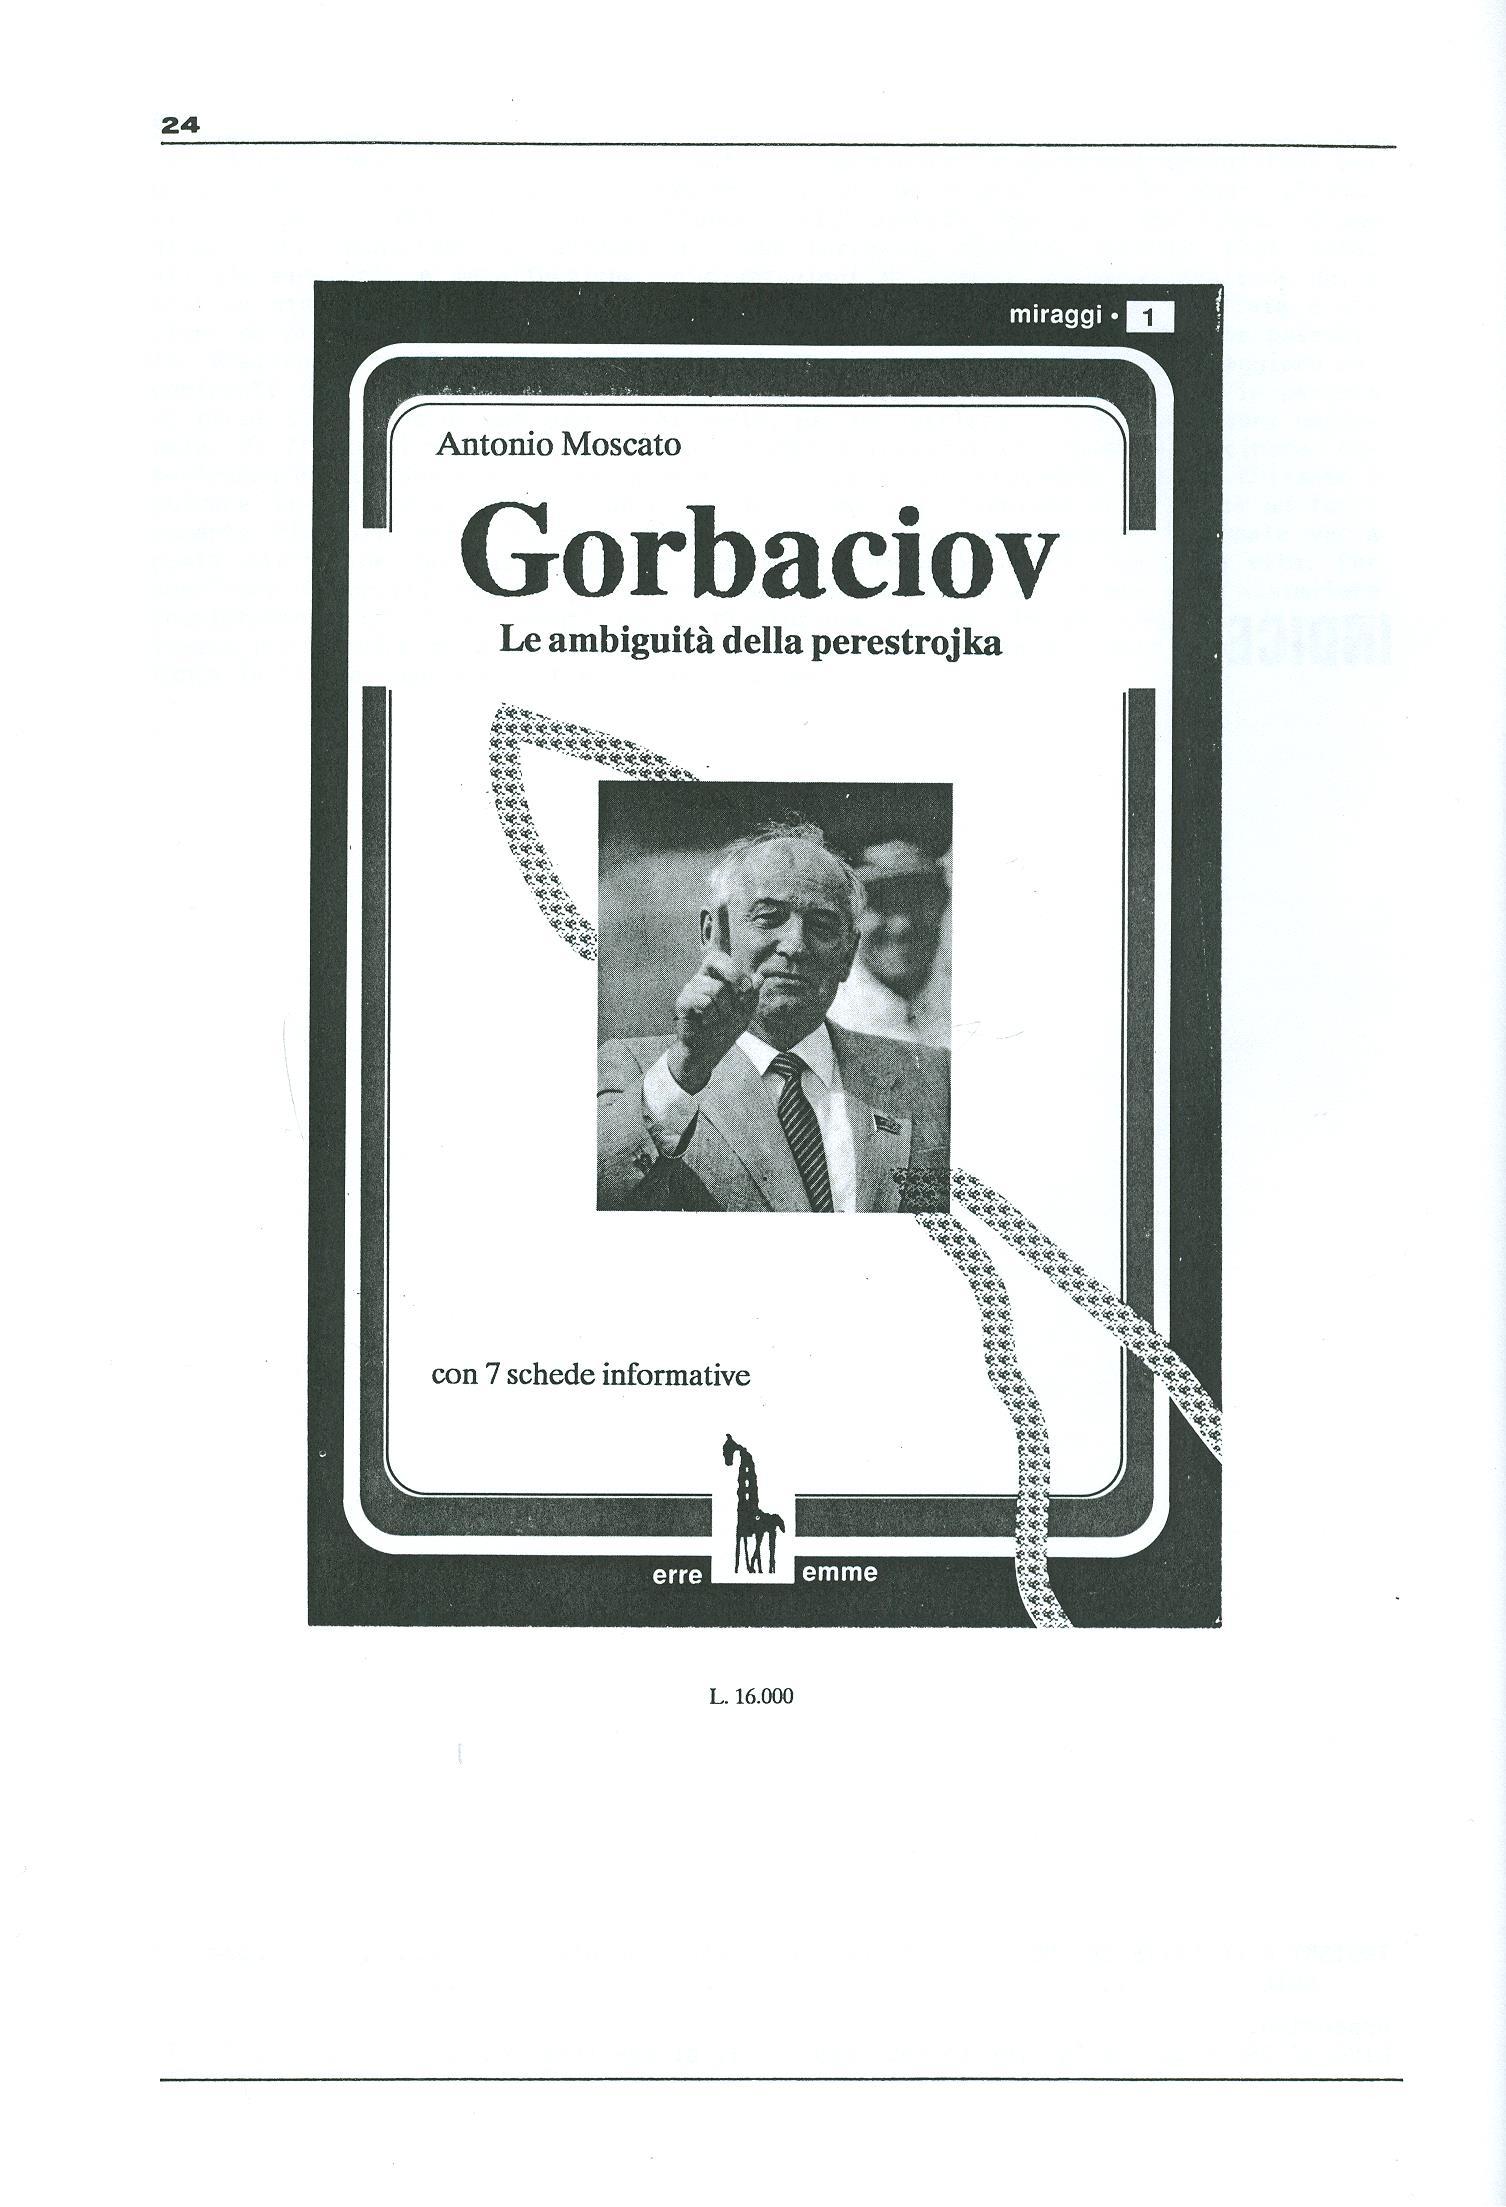 Studi e Ricerche n. 18 (aprile 1990) - pag. 24